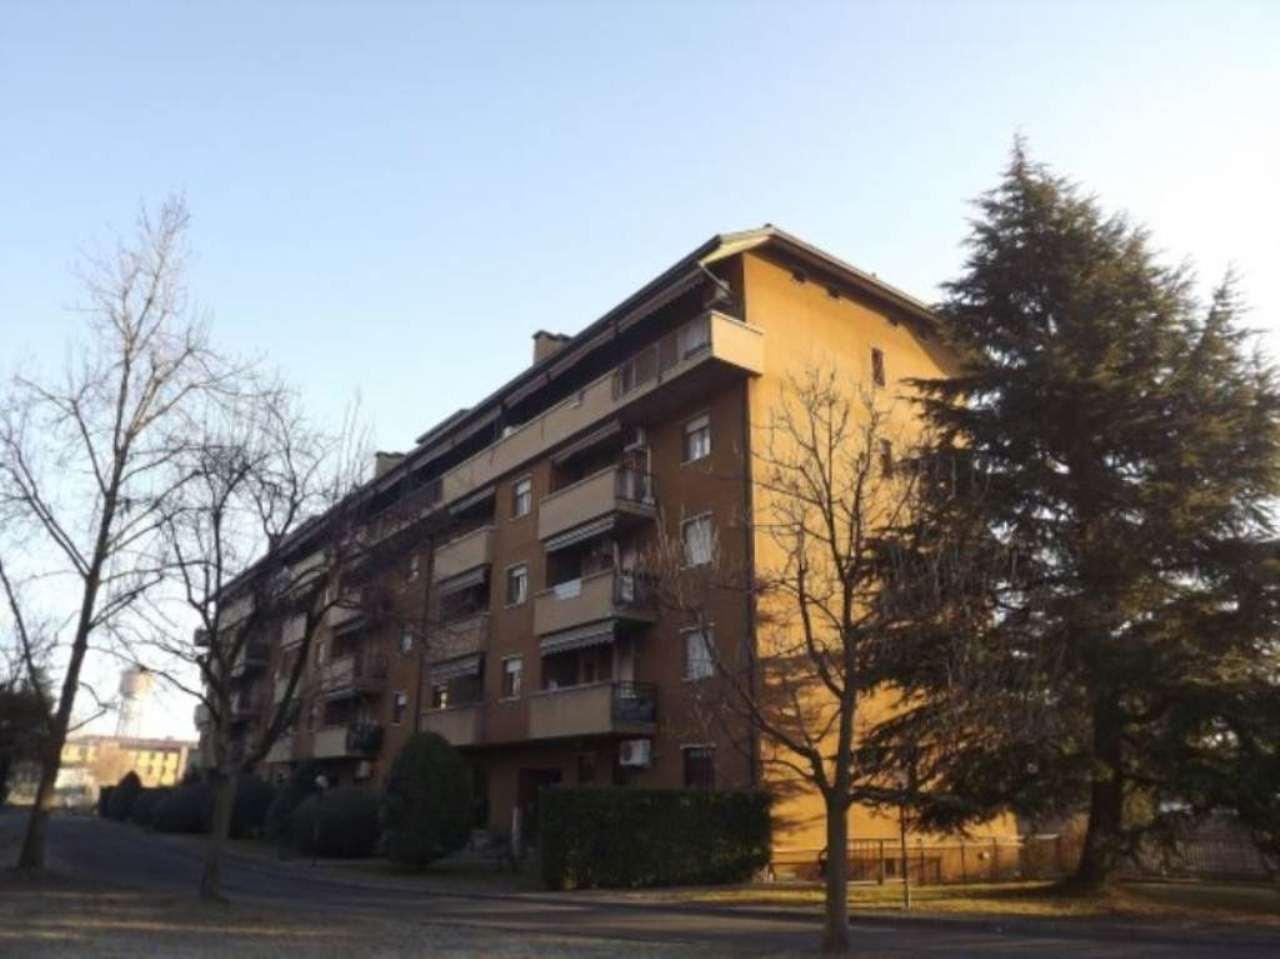 Appartamento in vendita a Trezzo sull'Adda, 3 locali, prezzo € 160.000 | Cambio Casa.it